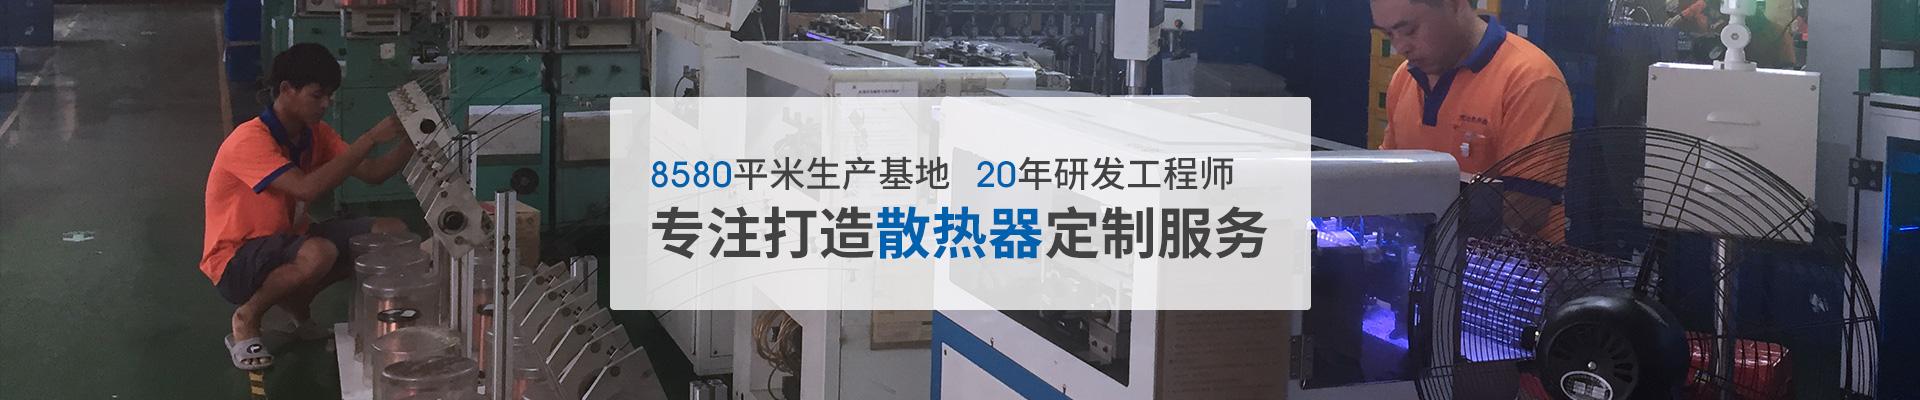 8580平米生产基地 20年研发工程师 宝迪凯专注打造散热器定制服务